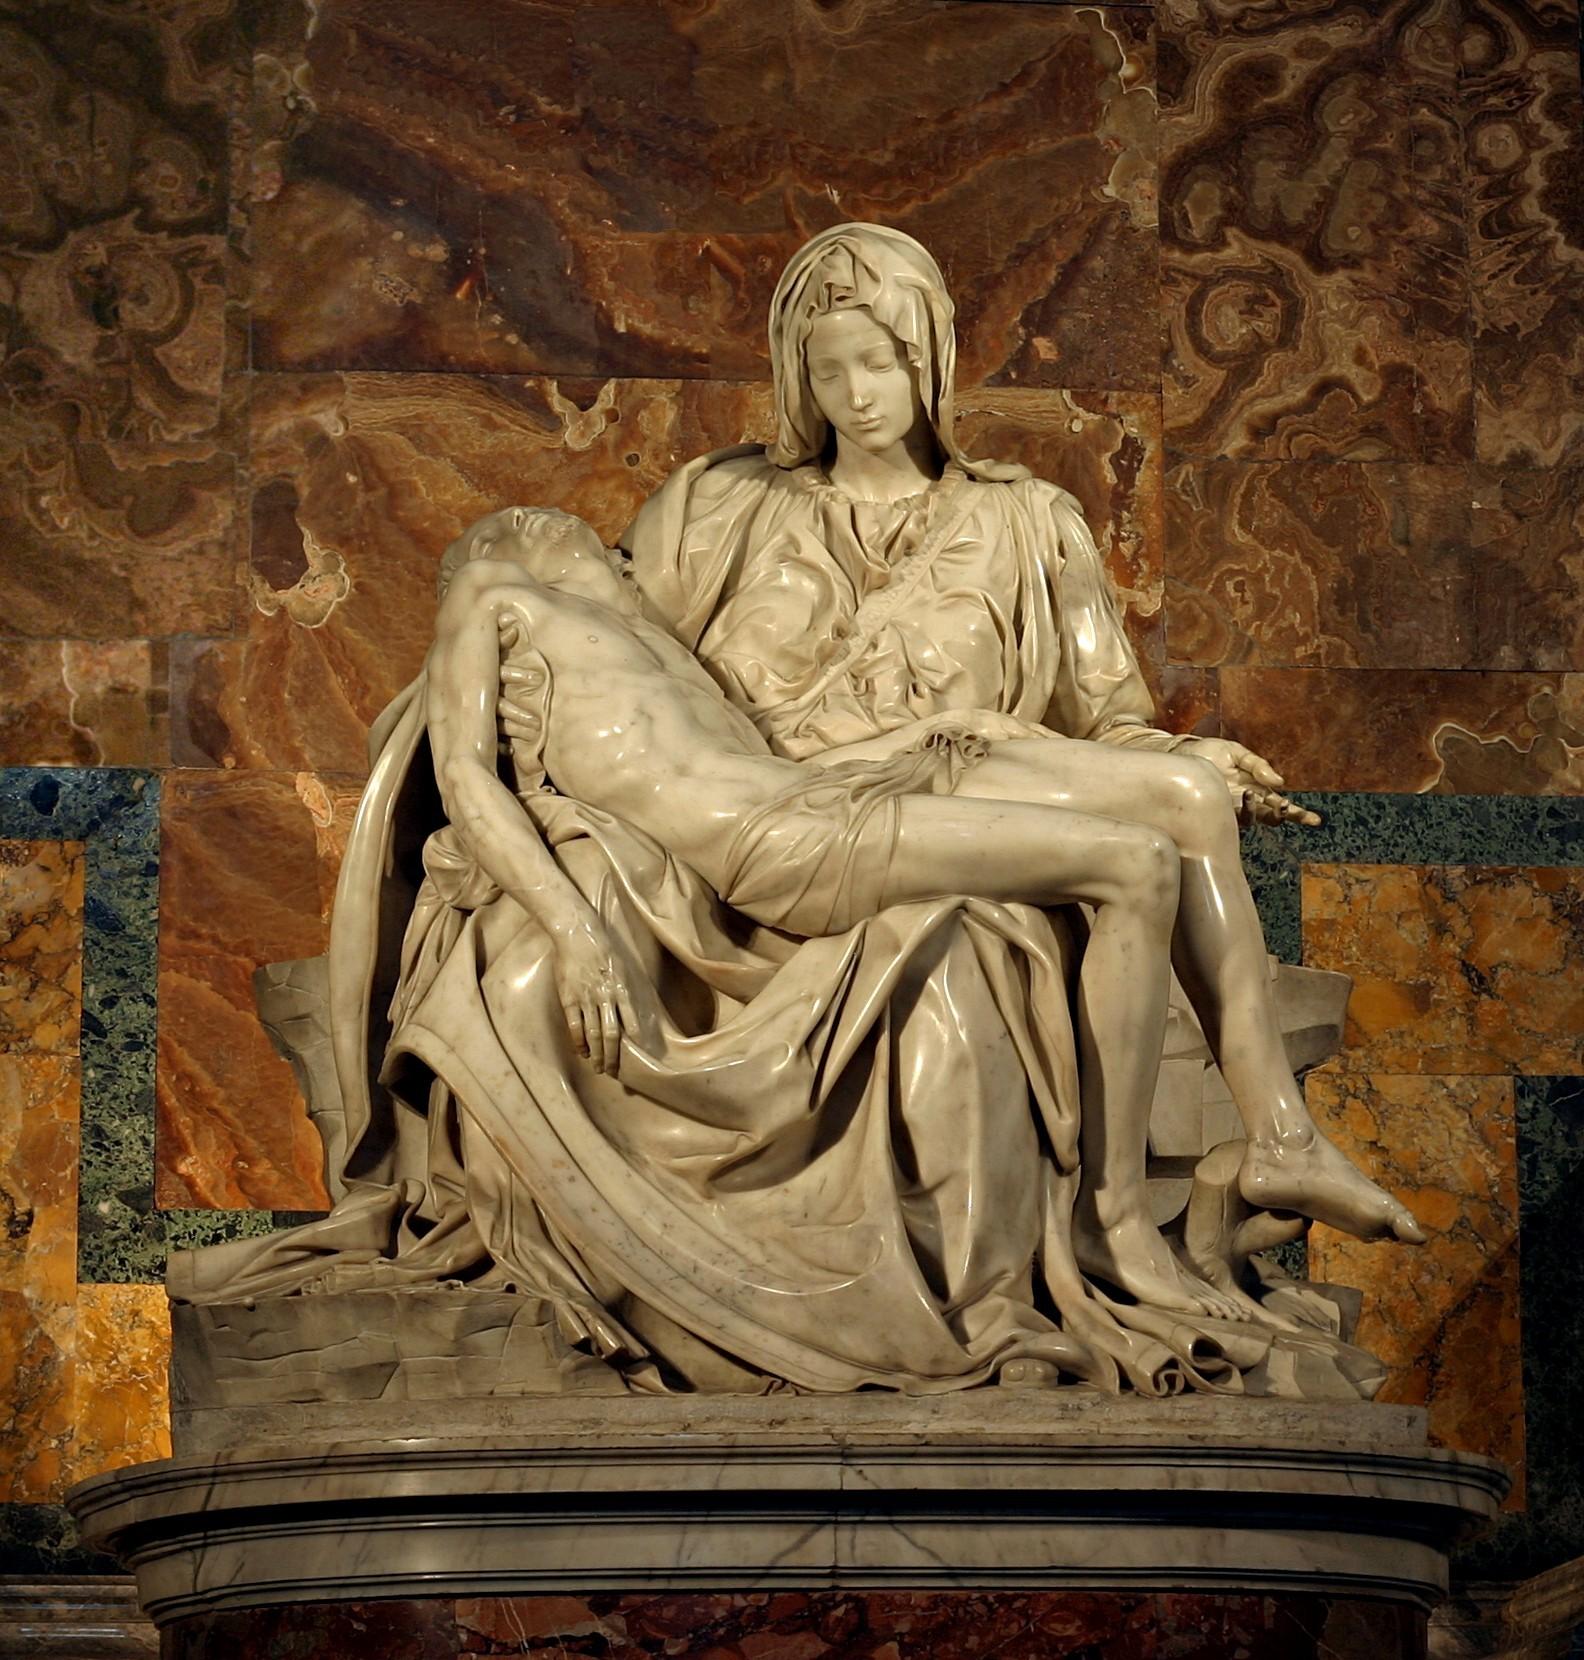 La Pietà,by Michelangelo (1499) sculpture